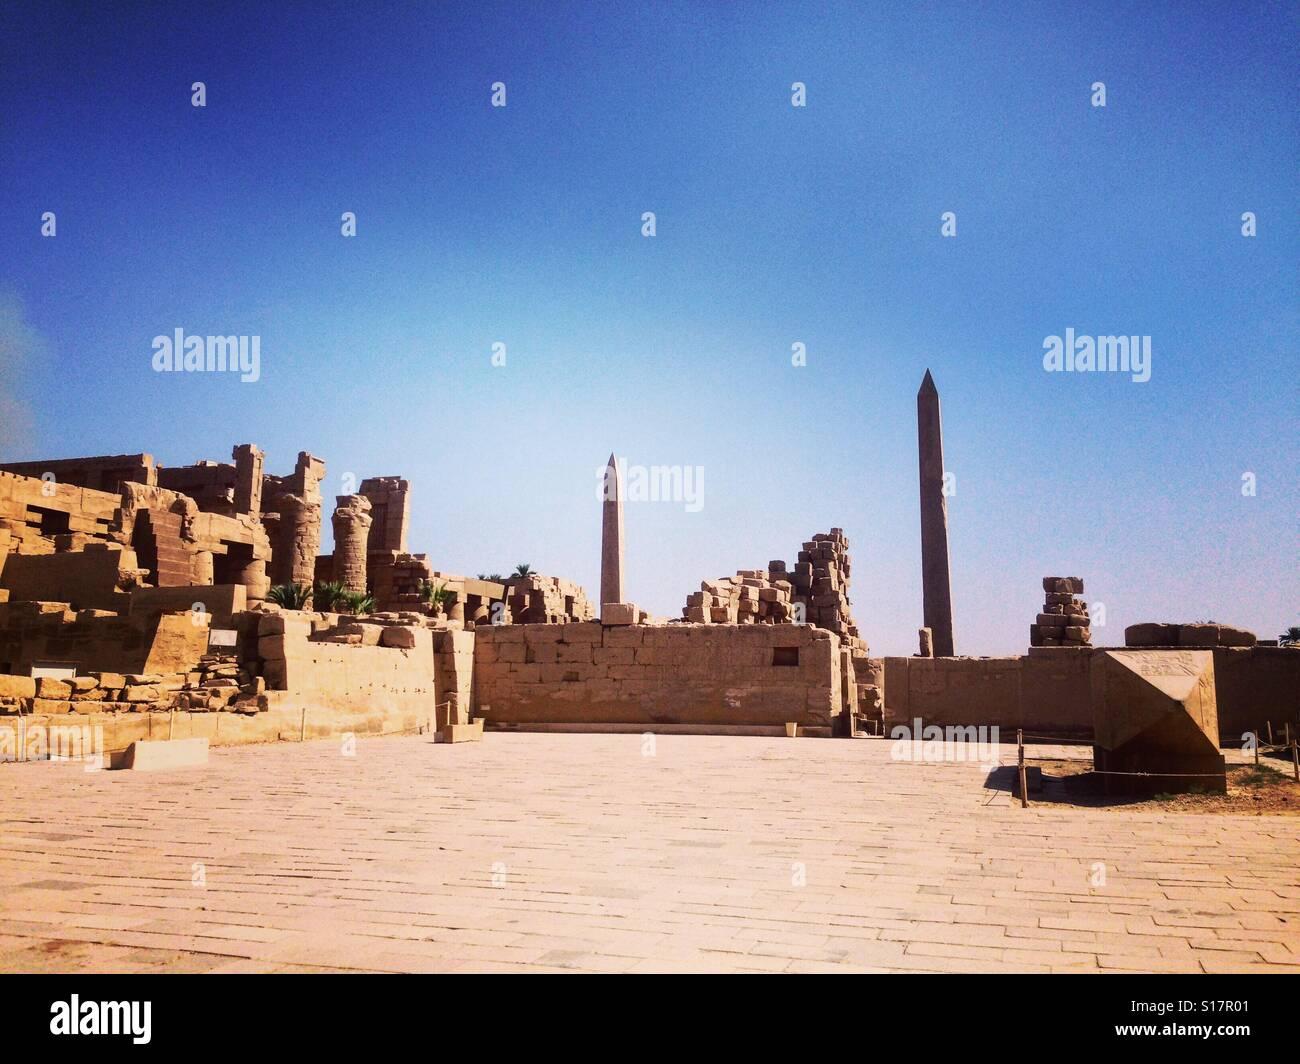 Il retro del tempio di Karnak Luxor Egitto Immagini Stock